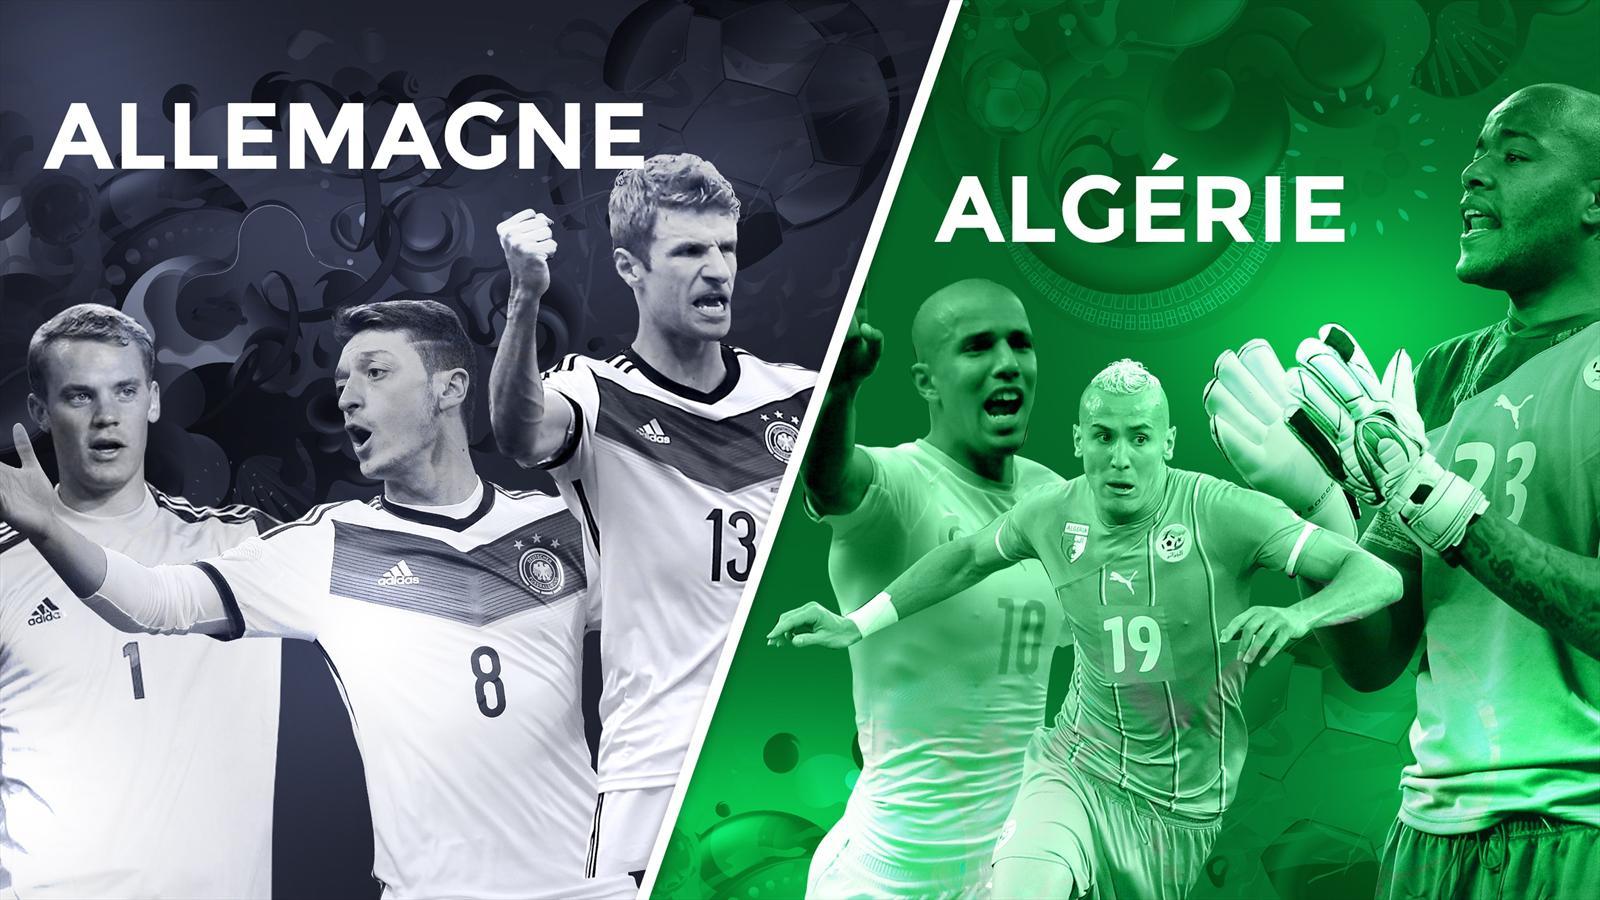 Match Algérie - Allemagne en direct live streaming